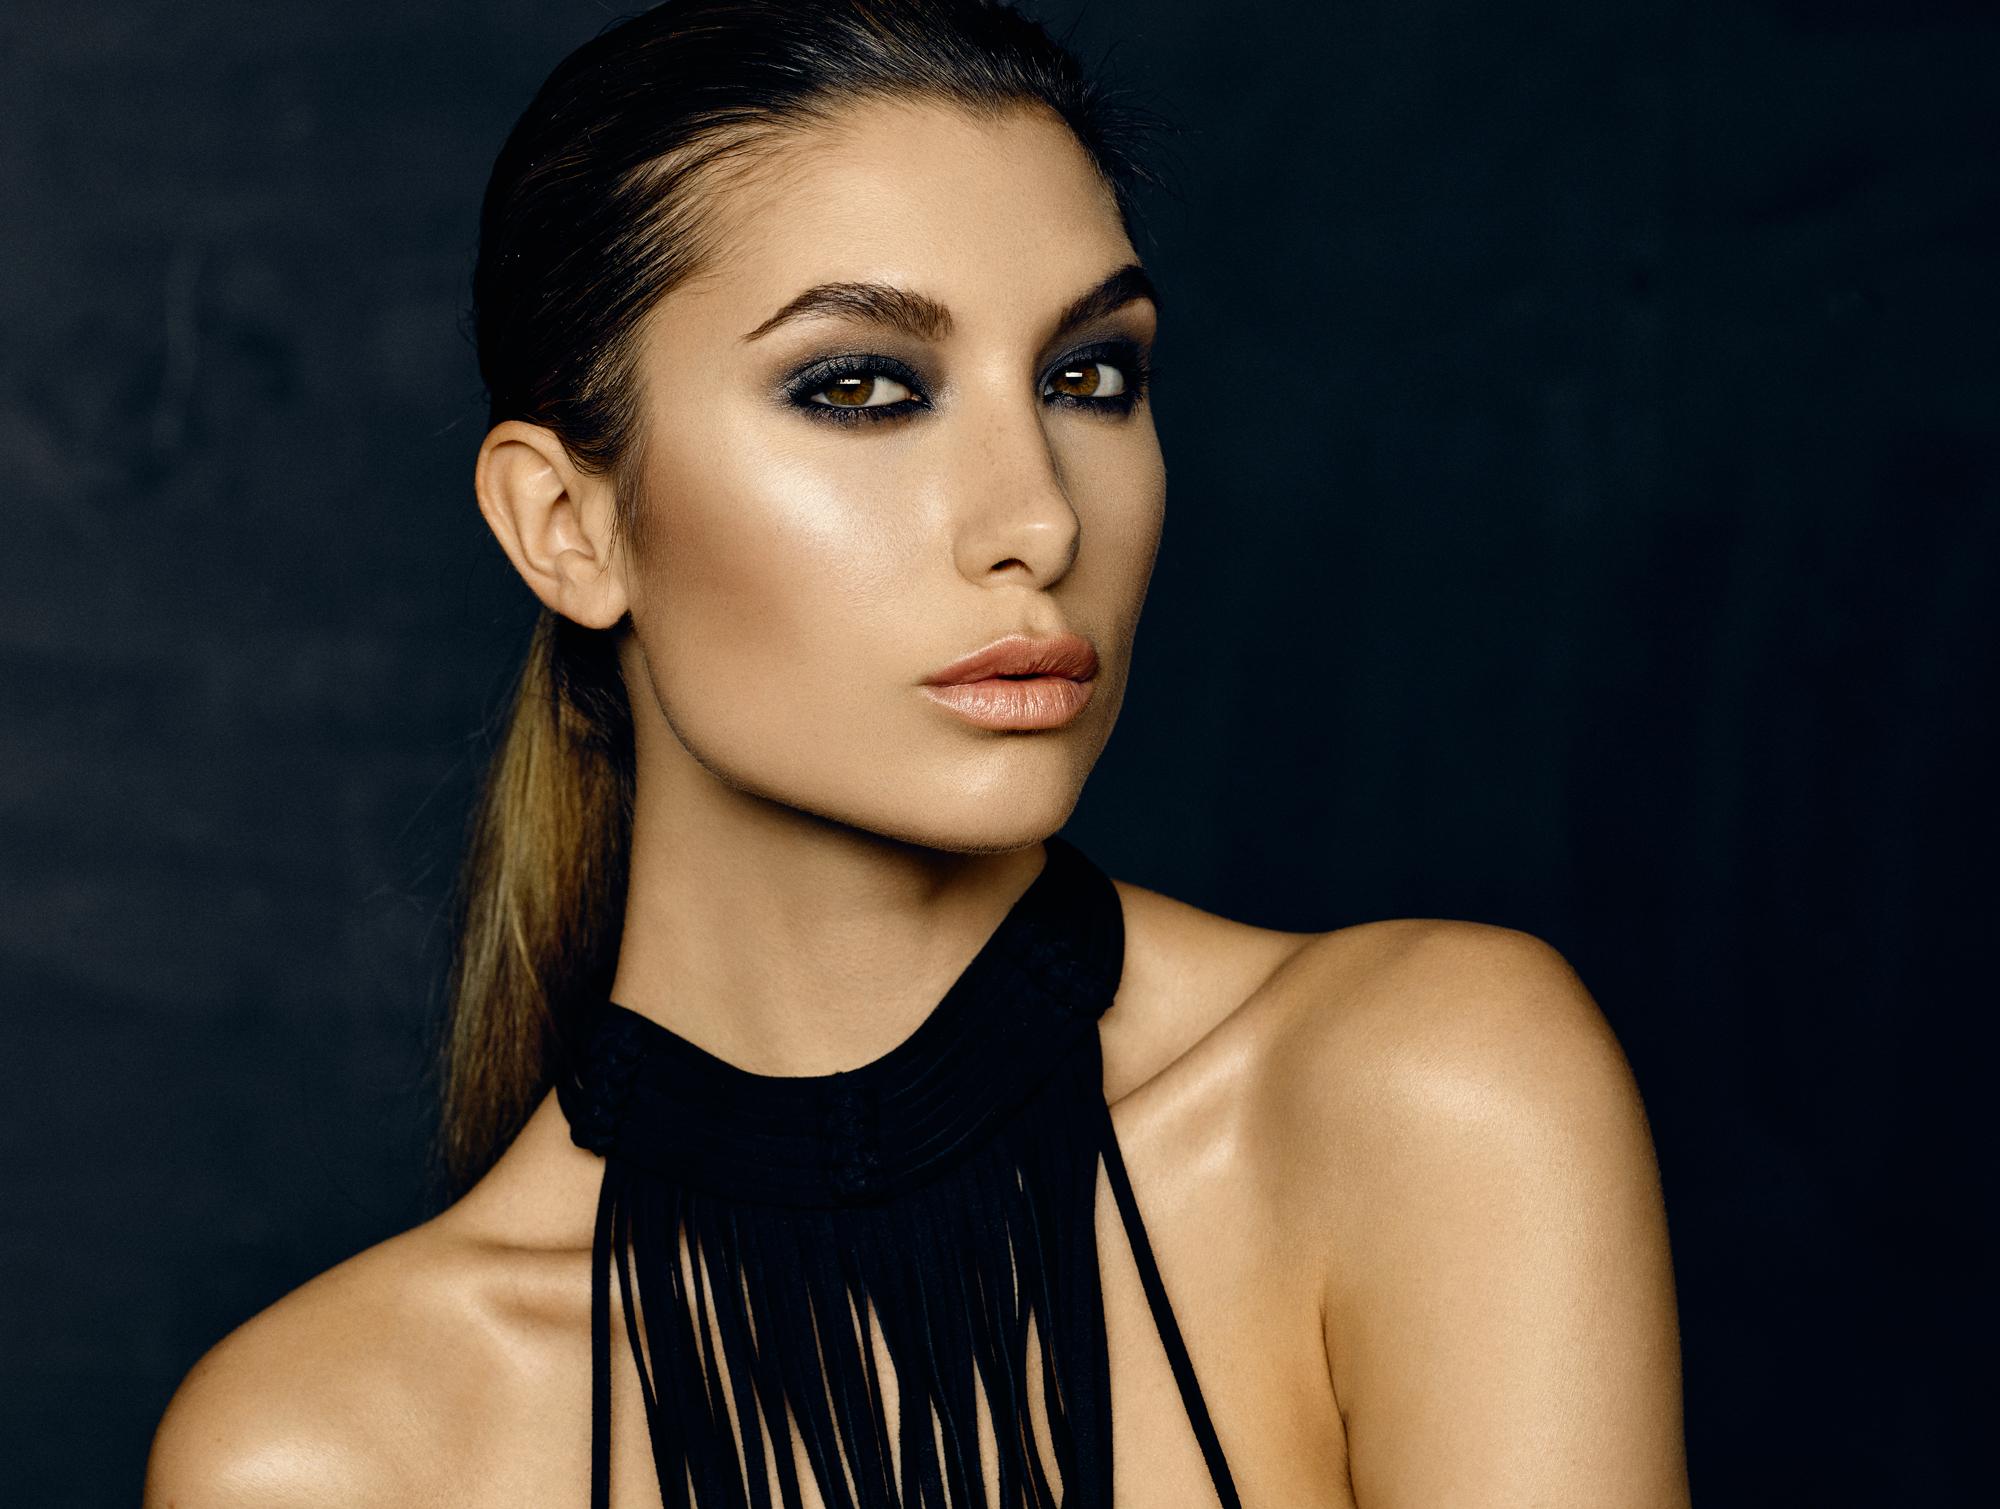 Alexandria Eissinger fotograf christian grüner brune øjne portræt store læber røde